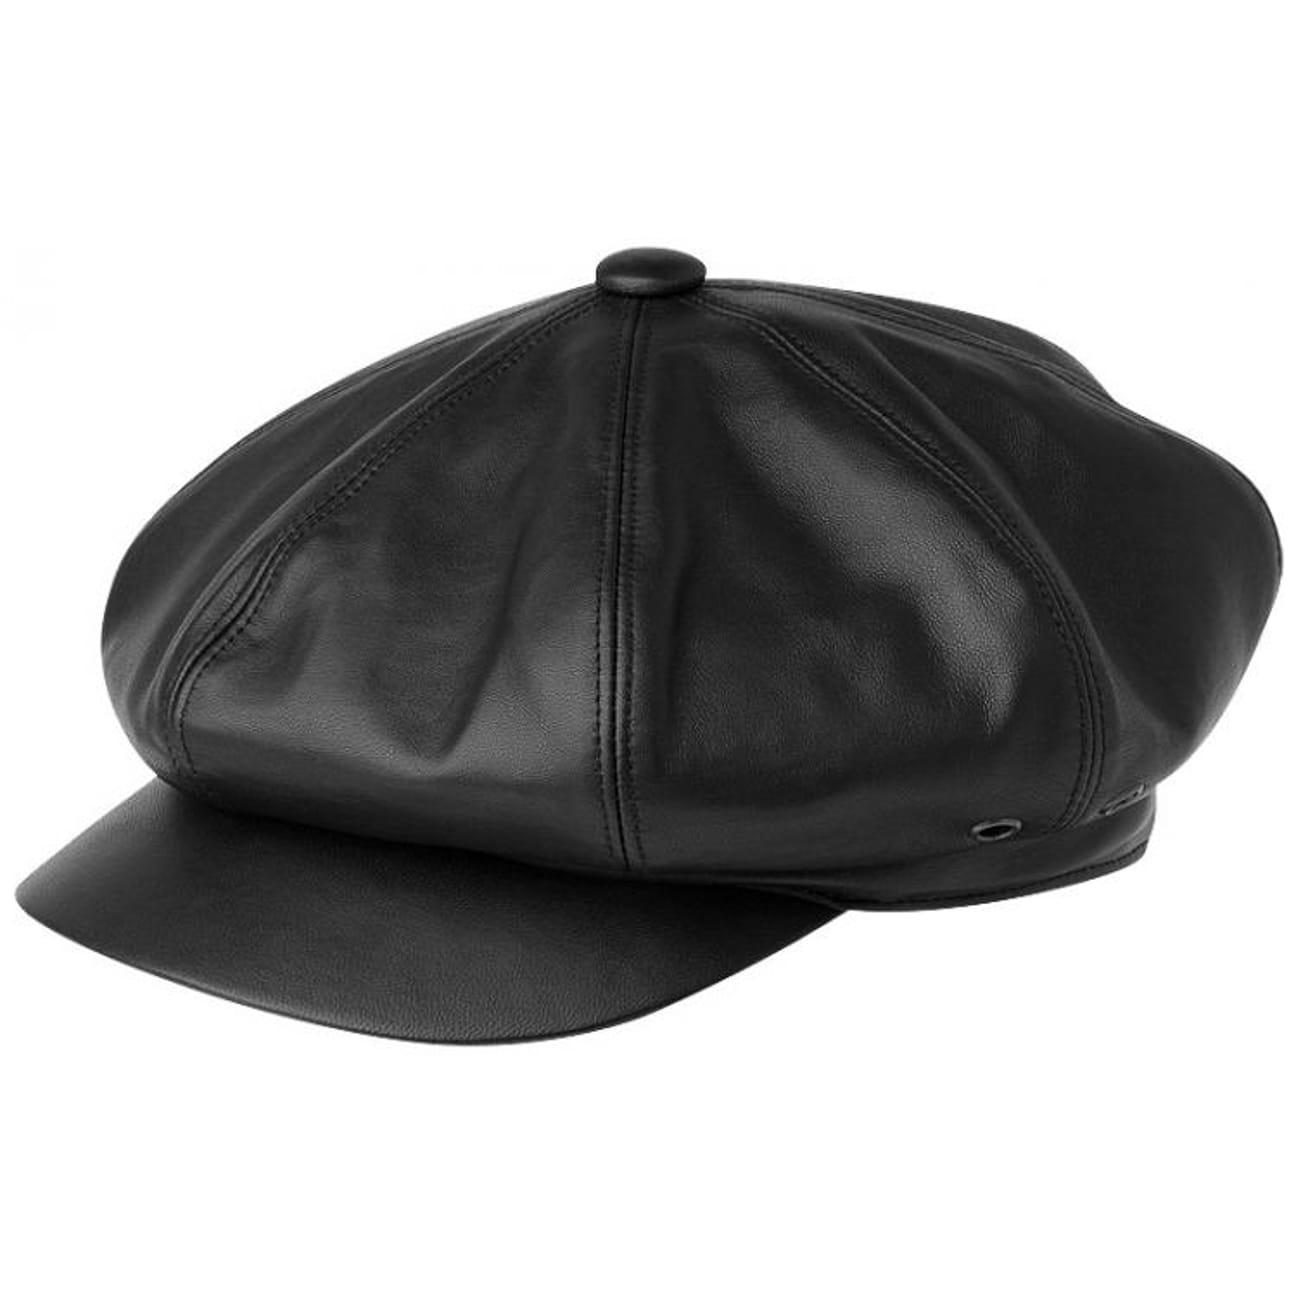 ... Kangol Leather Spitfire Newsboy Cap - black 1 750fd7d622a